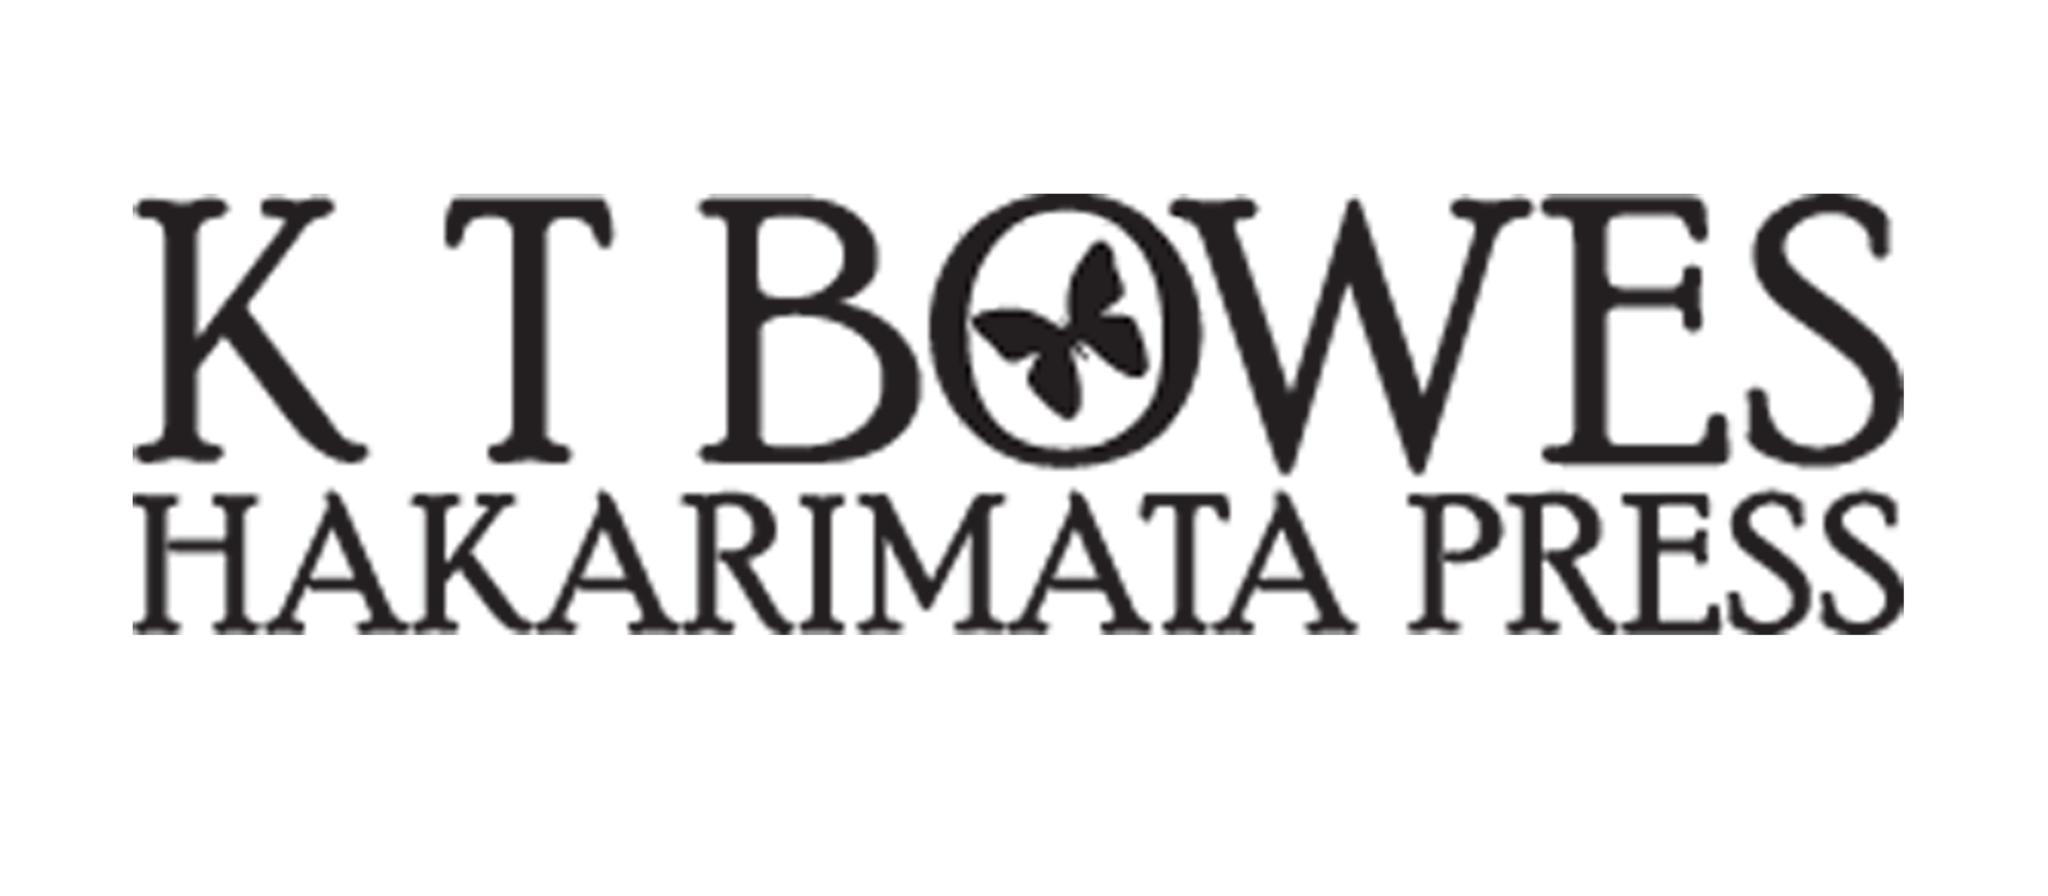 New Zealand Author K T Bowes